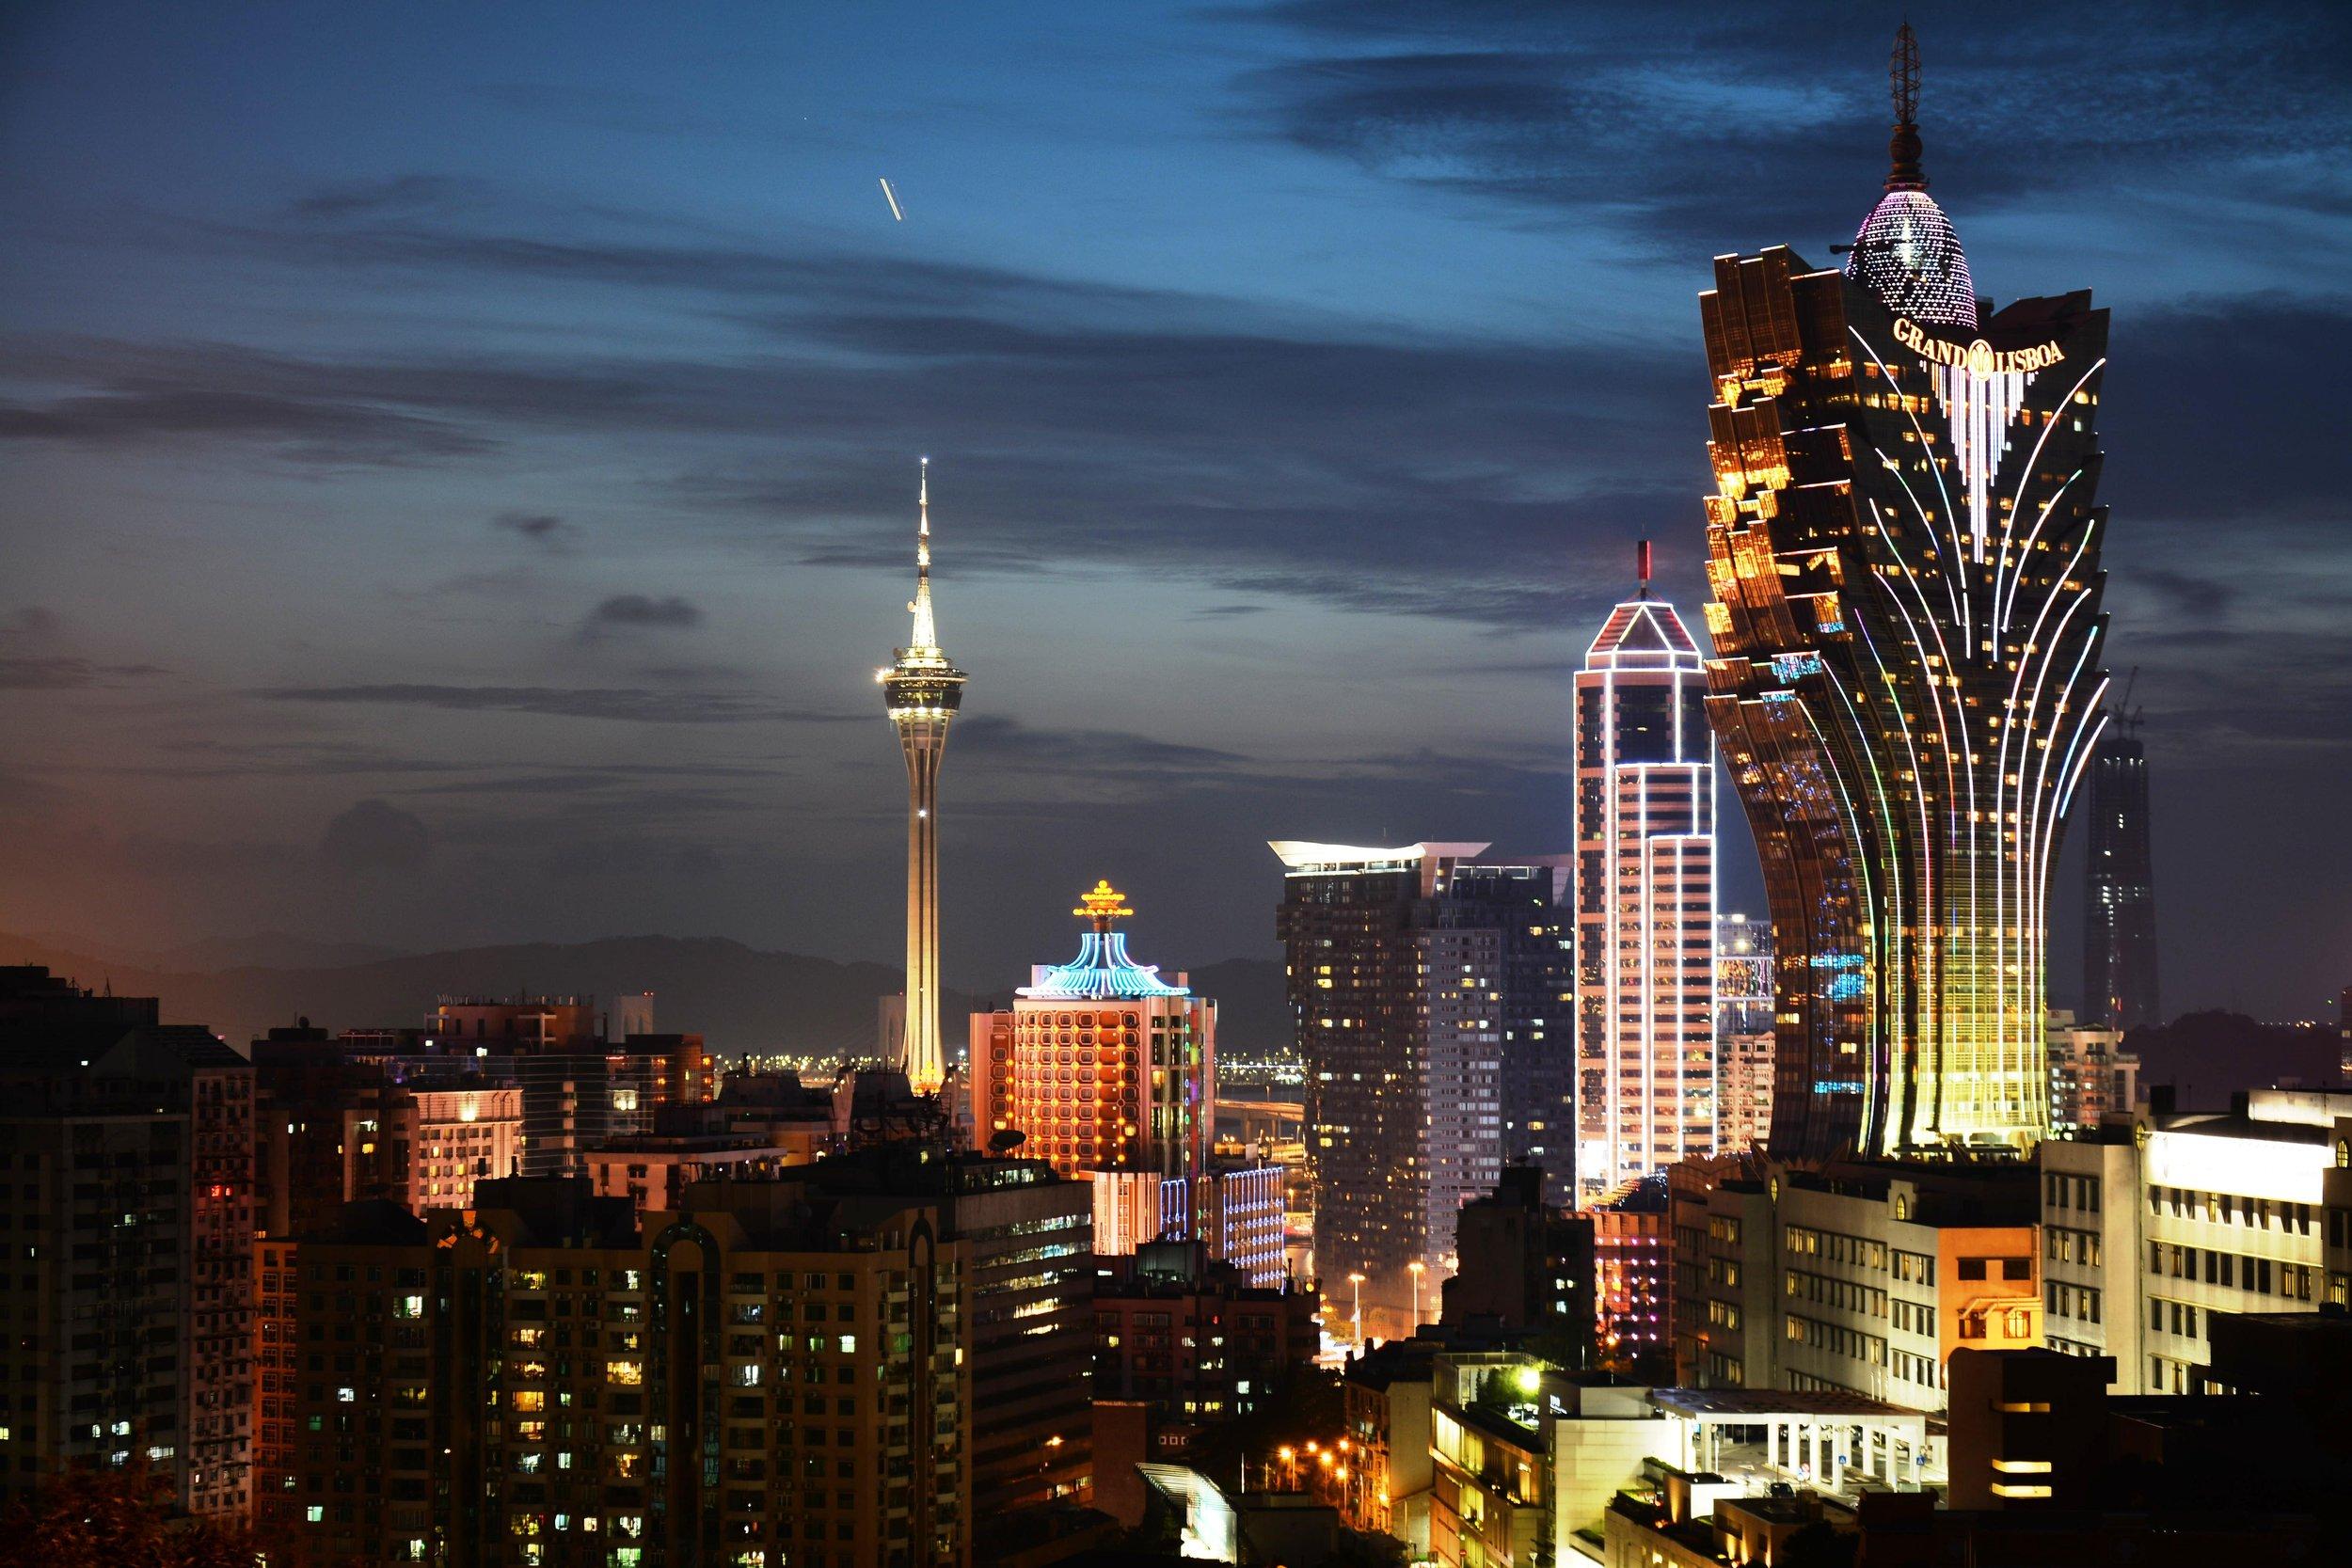 Macau is the Far East's answer to Macau.